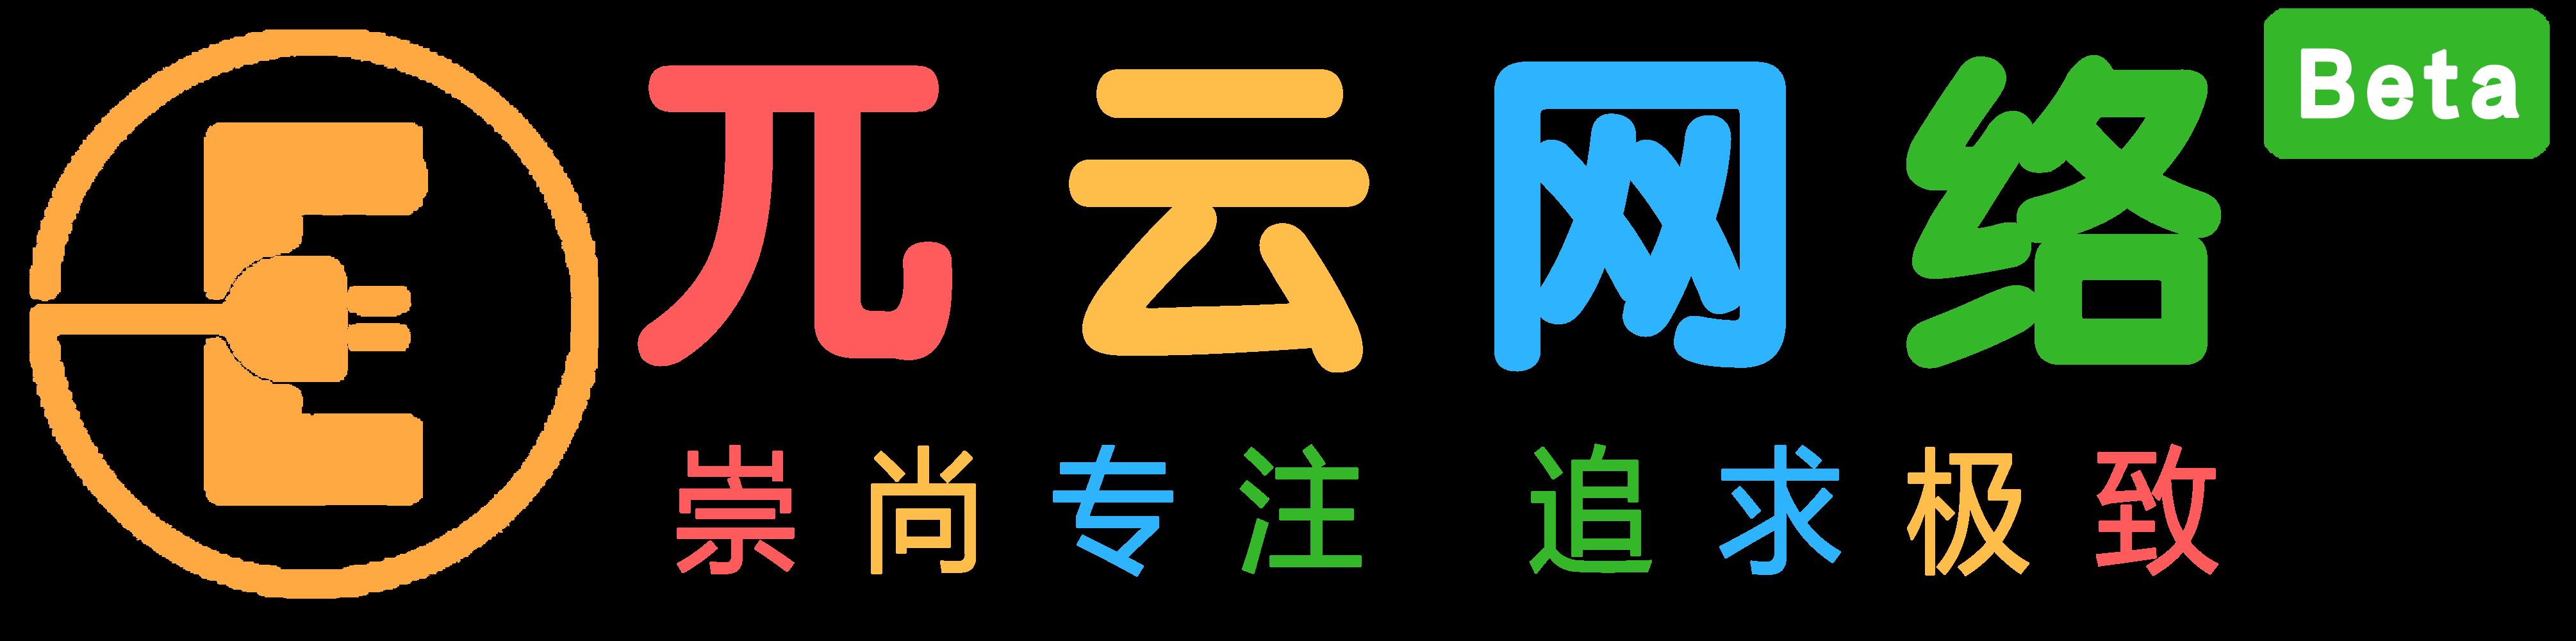 兀云资源网-专注精品 追求极致